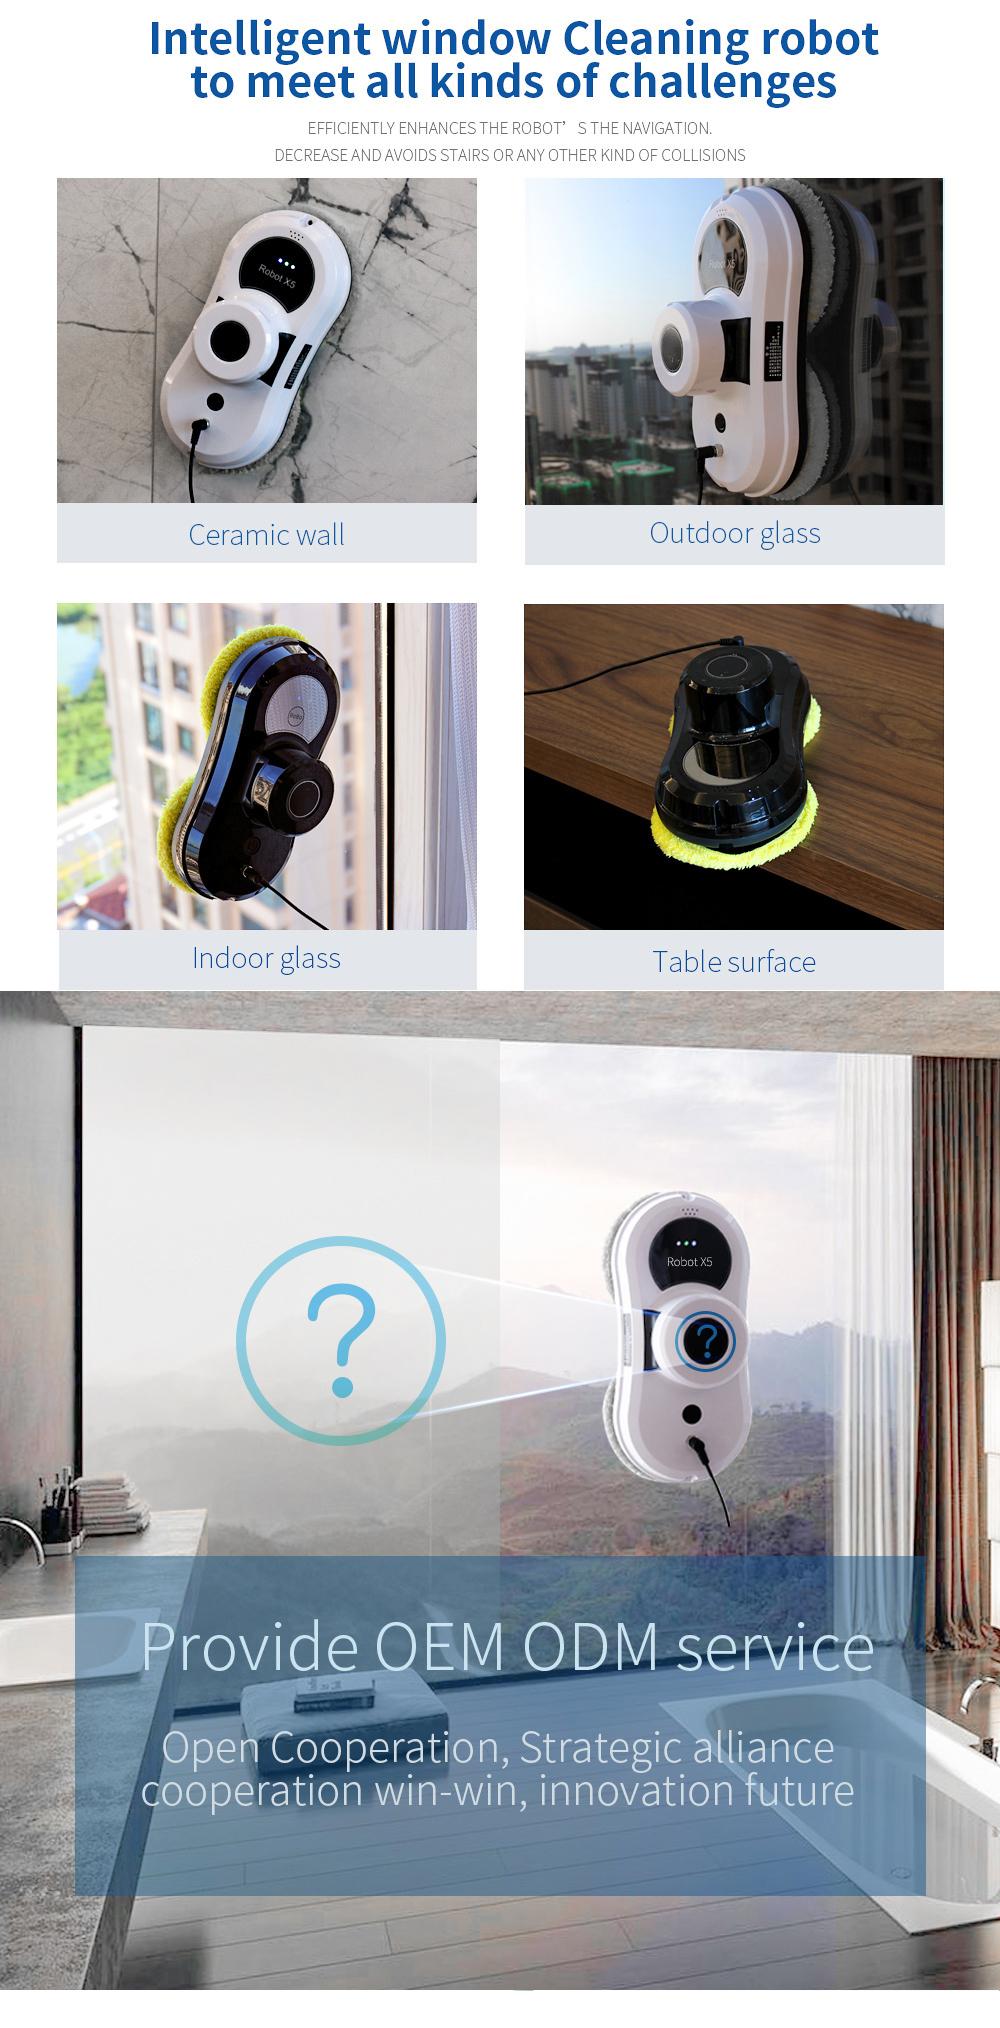 BOBOT Thủy Tinh sạch robot cửa sổ sạch cửa sổ làm sạch robot